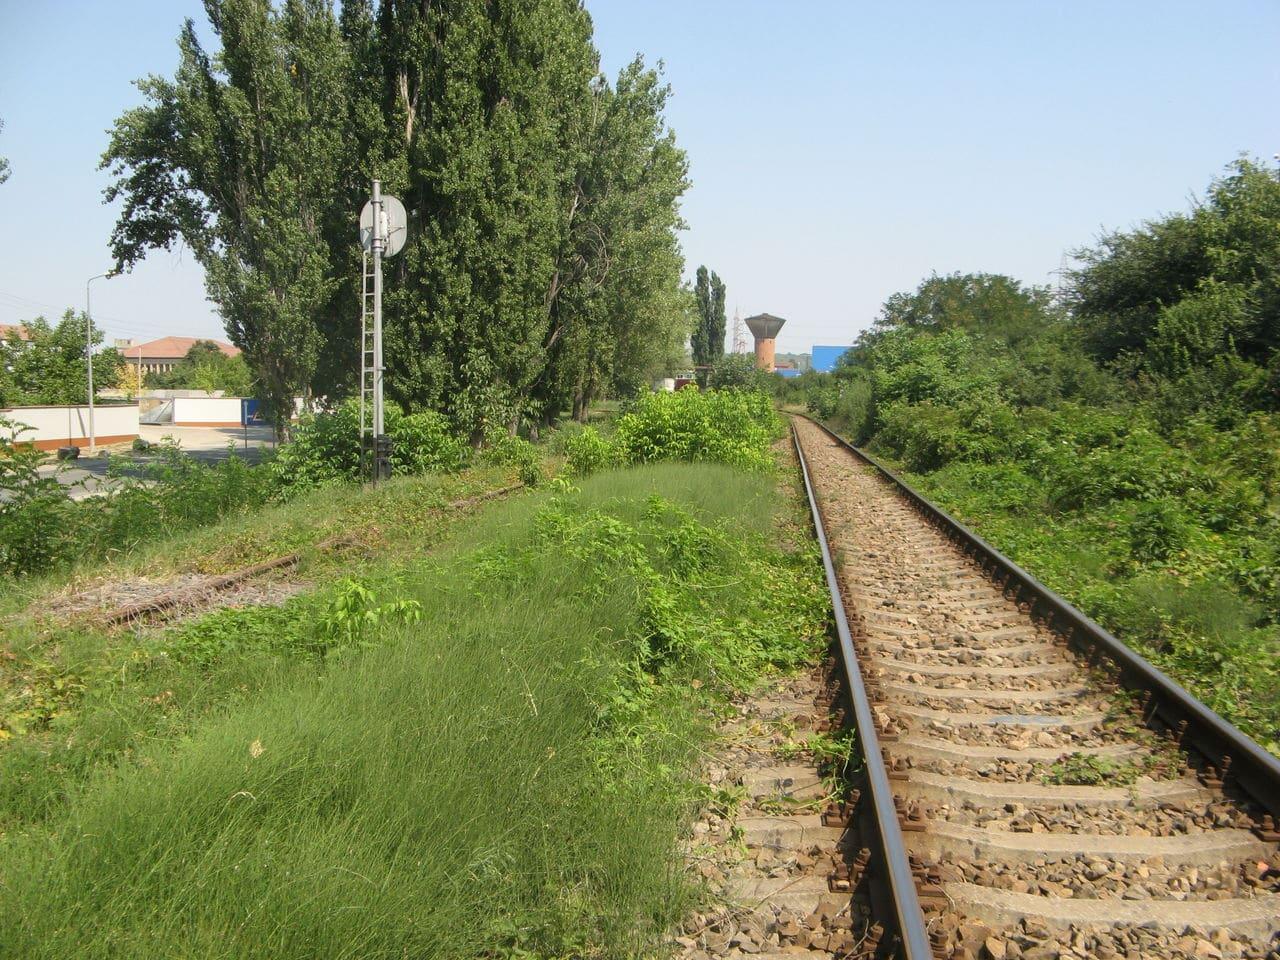 Calea ferată directă Oradea Vest - Episcopia Bihor IMG_0033